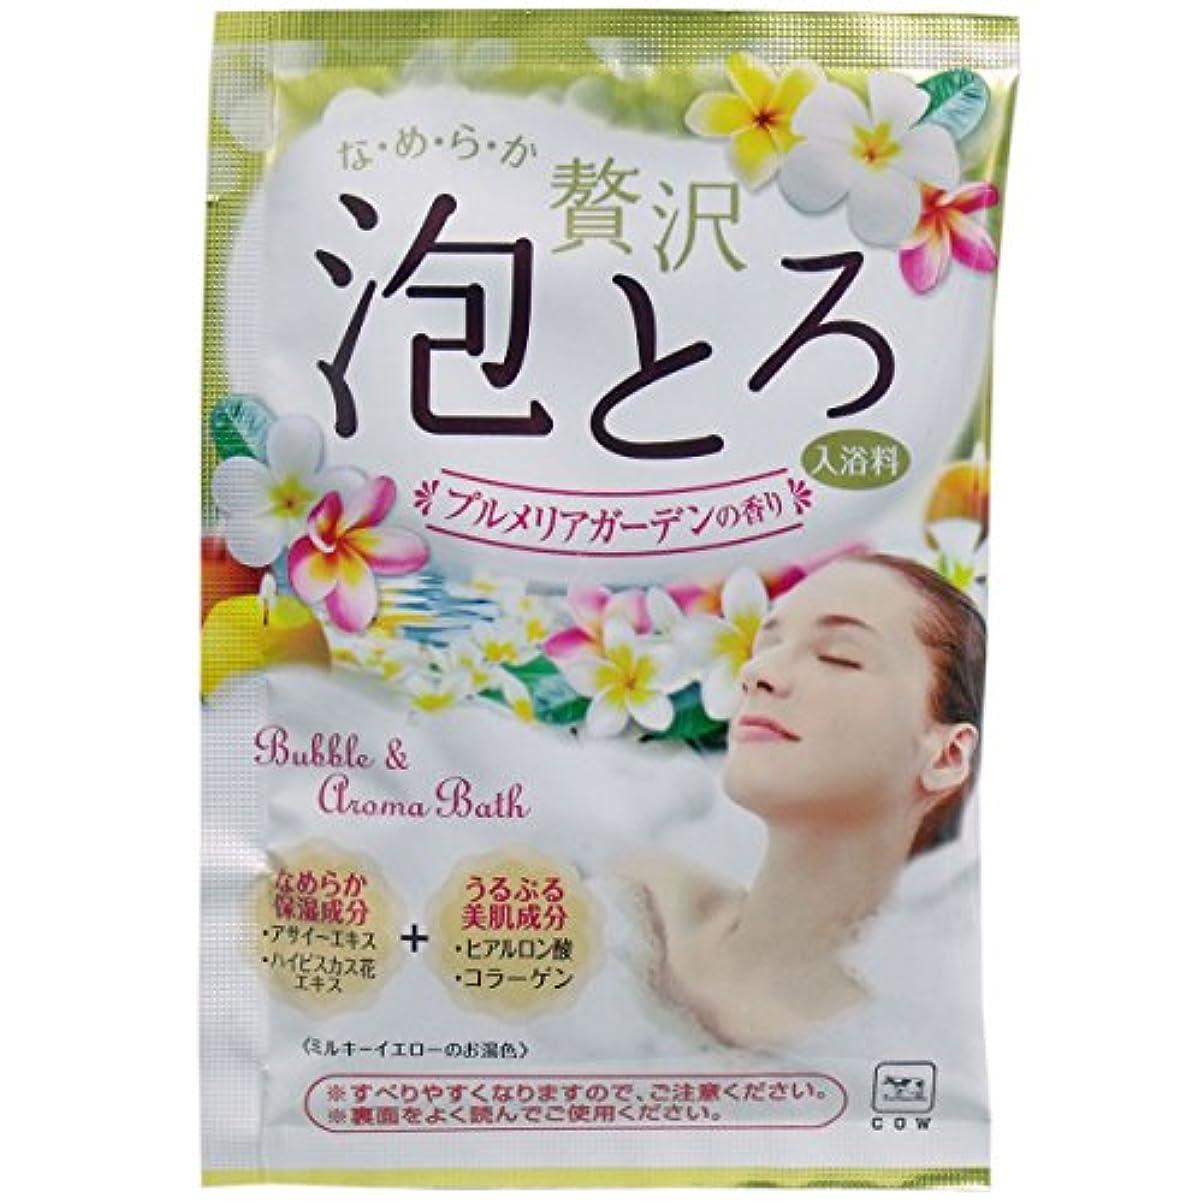 マットレスラバビット牛乳石鹸共進社 お湯物語 贅沢泡とろ 入浴料 プルメリアガーデンの香り 30g